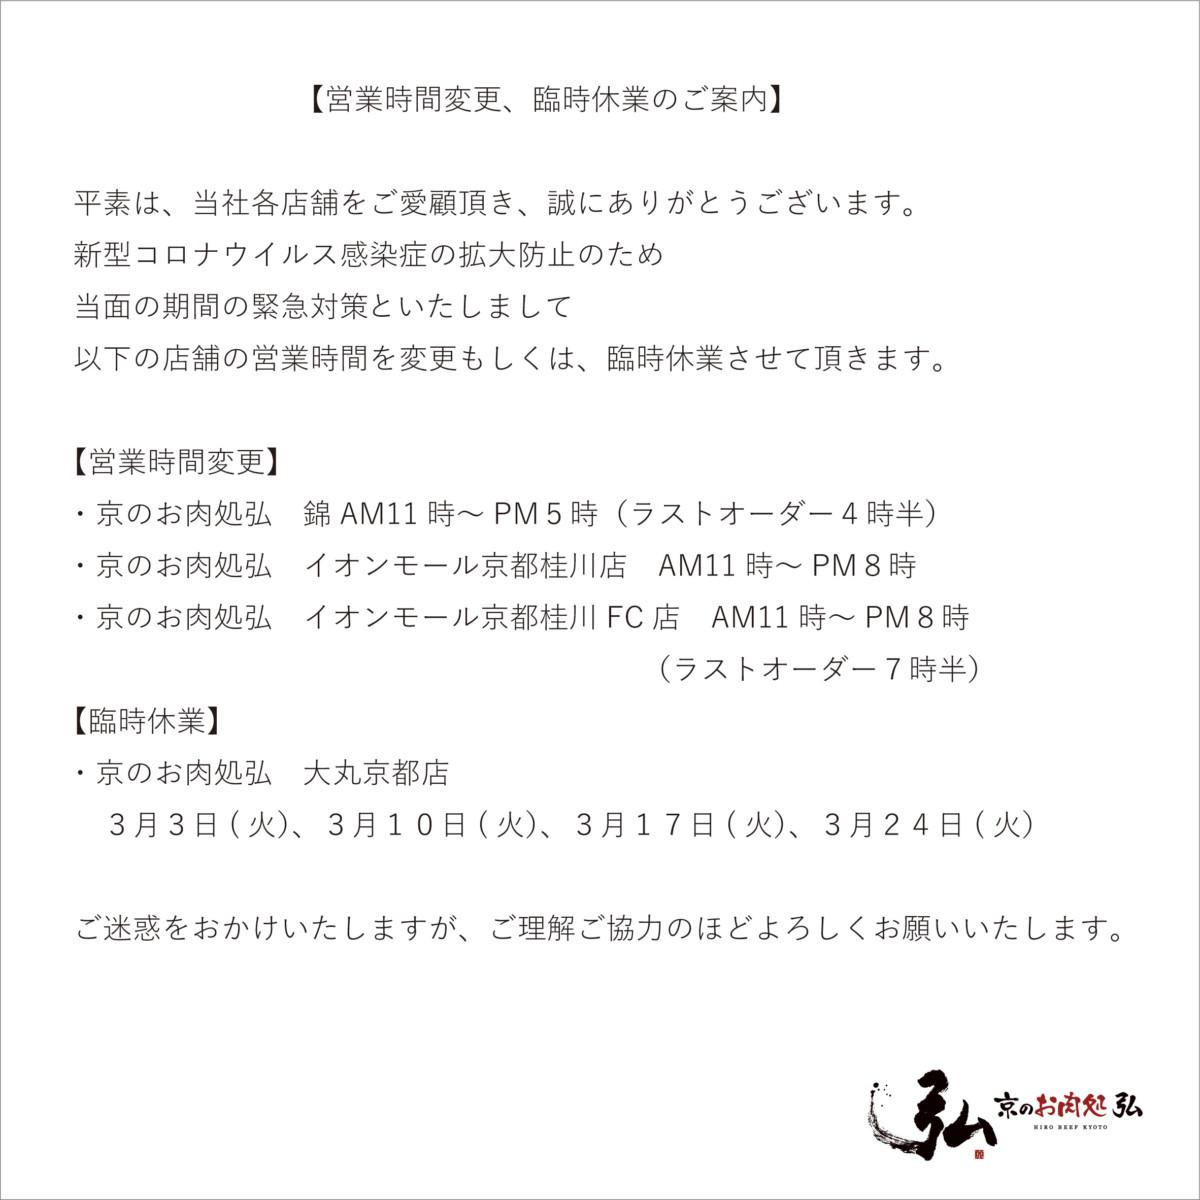 京のお肉処_営業時間変更・臨時休業